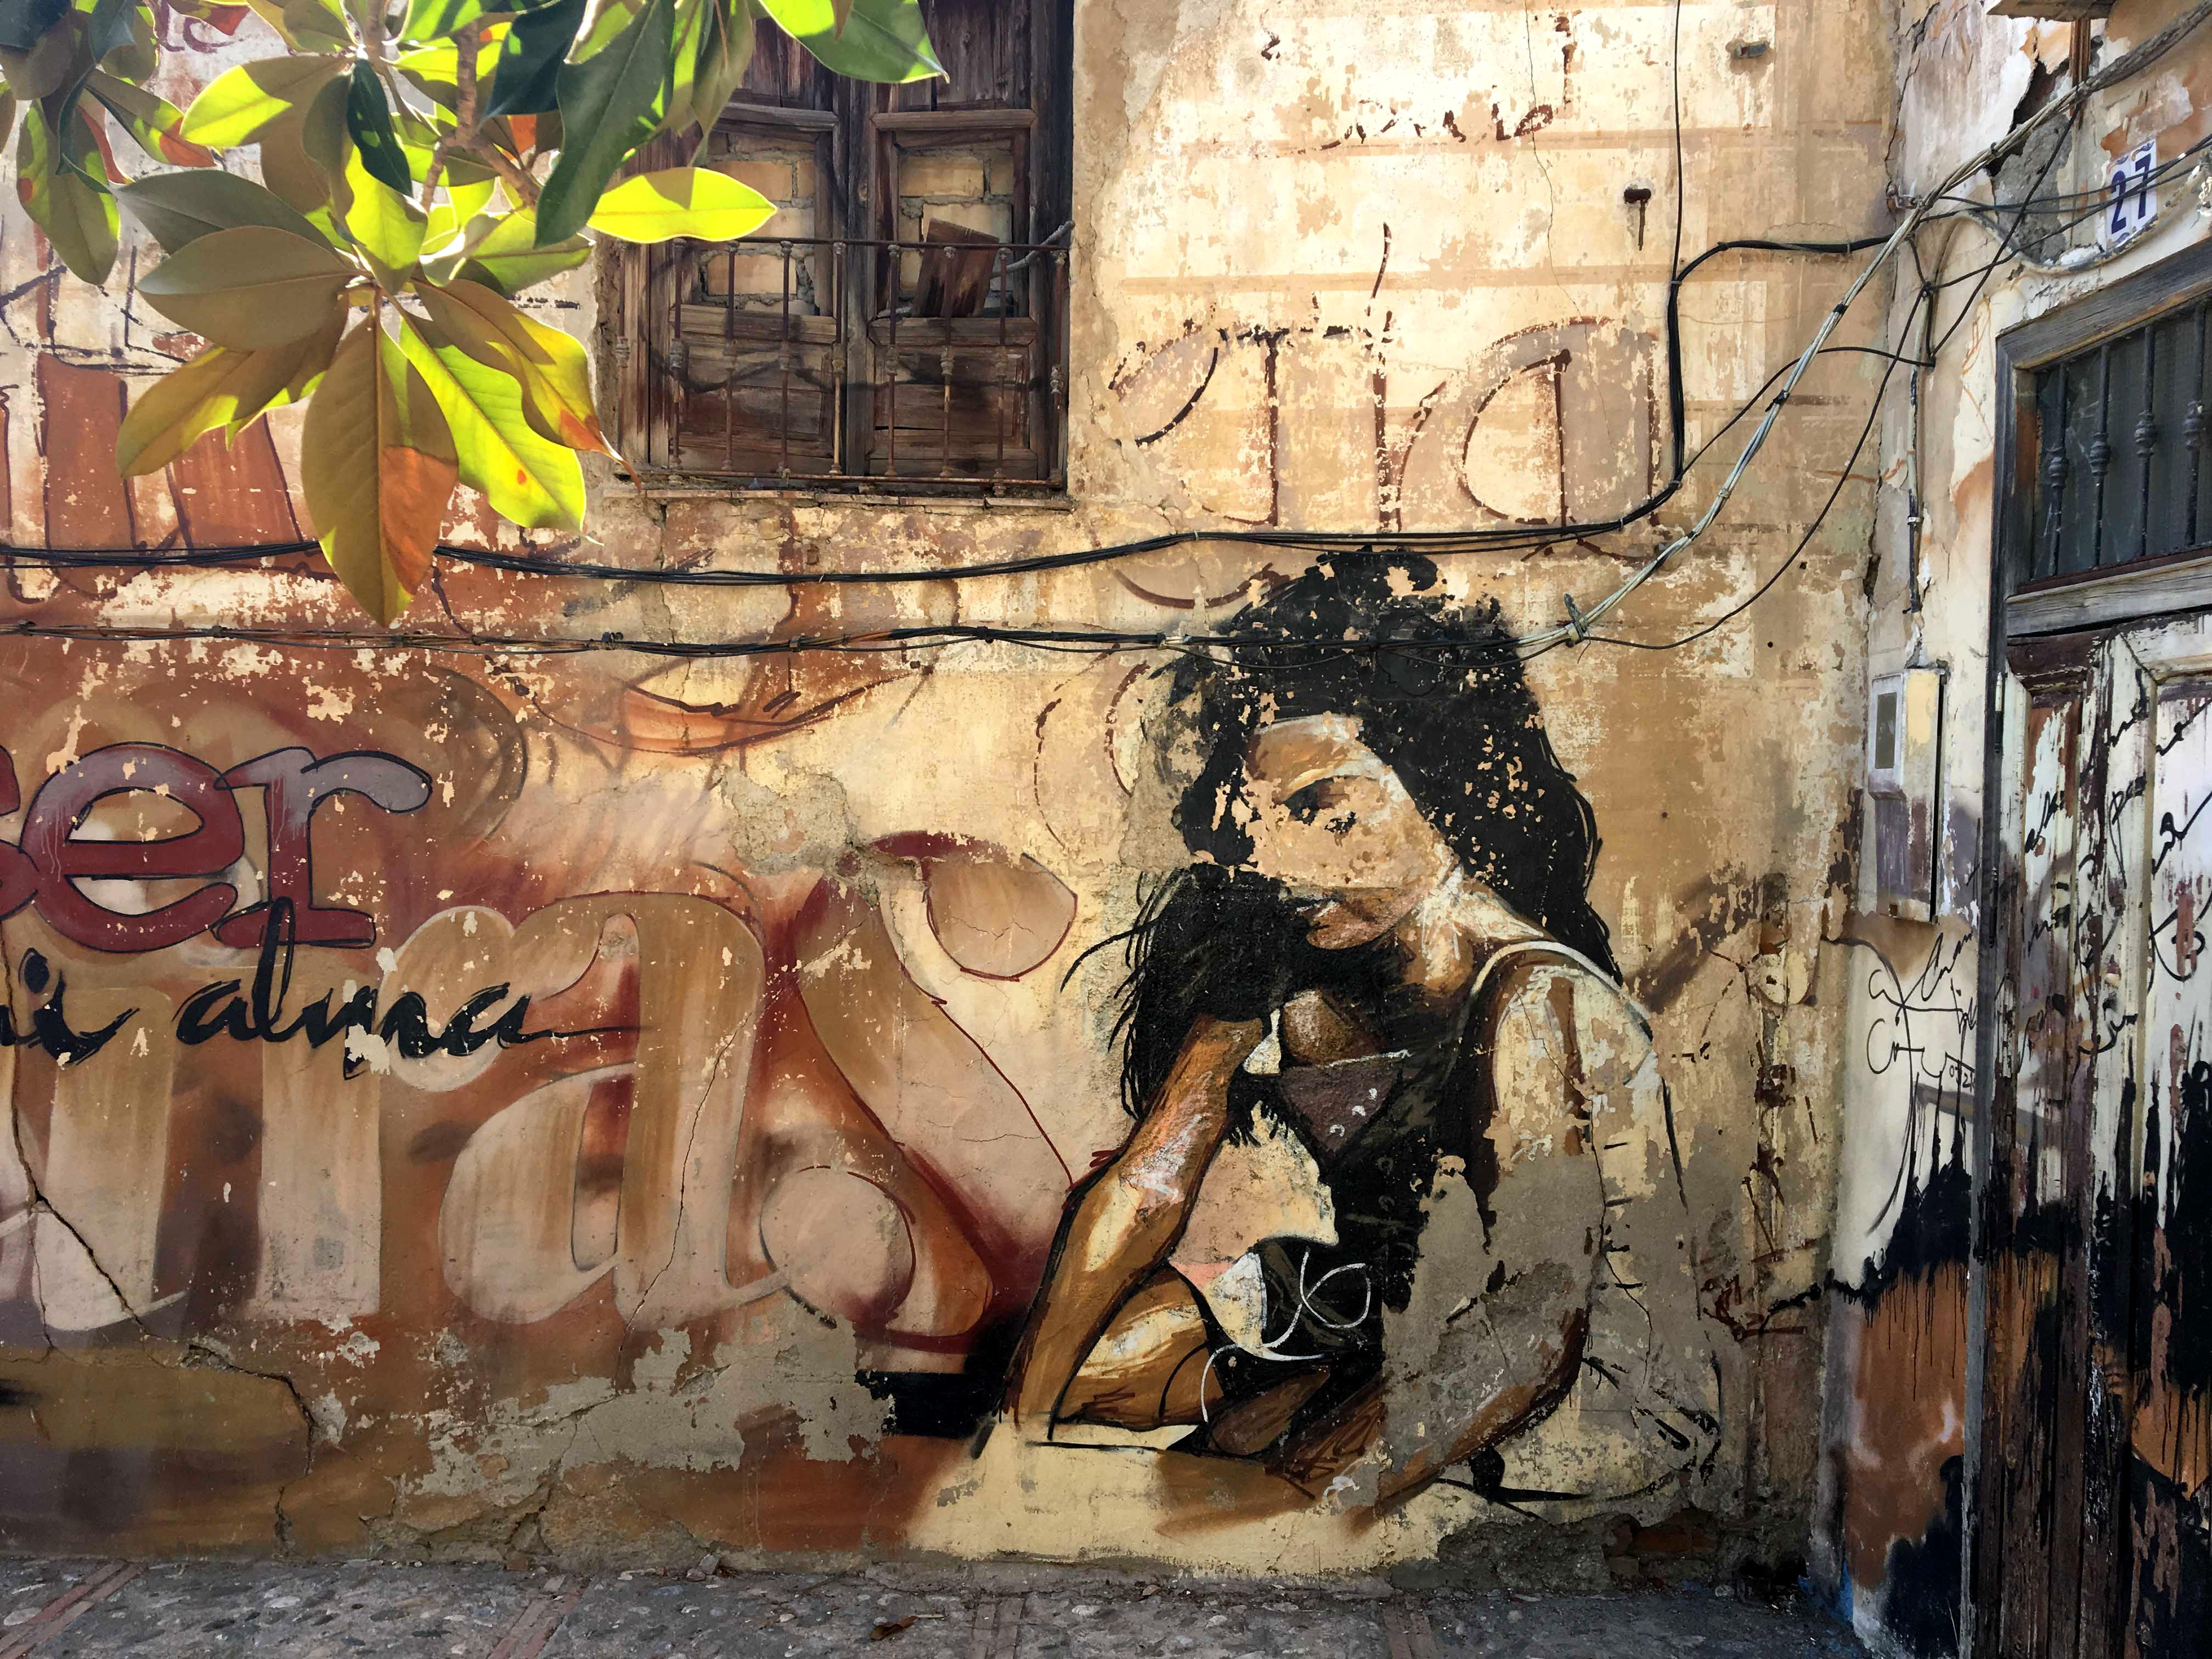 Mural von El Niño de las Pinturas dass ein sitzendes Mädchen zeigt